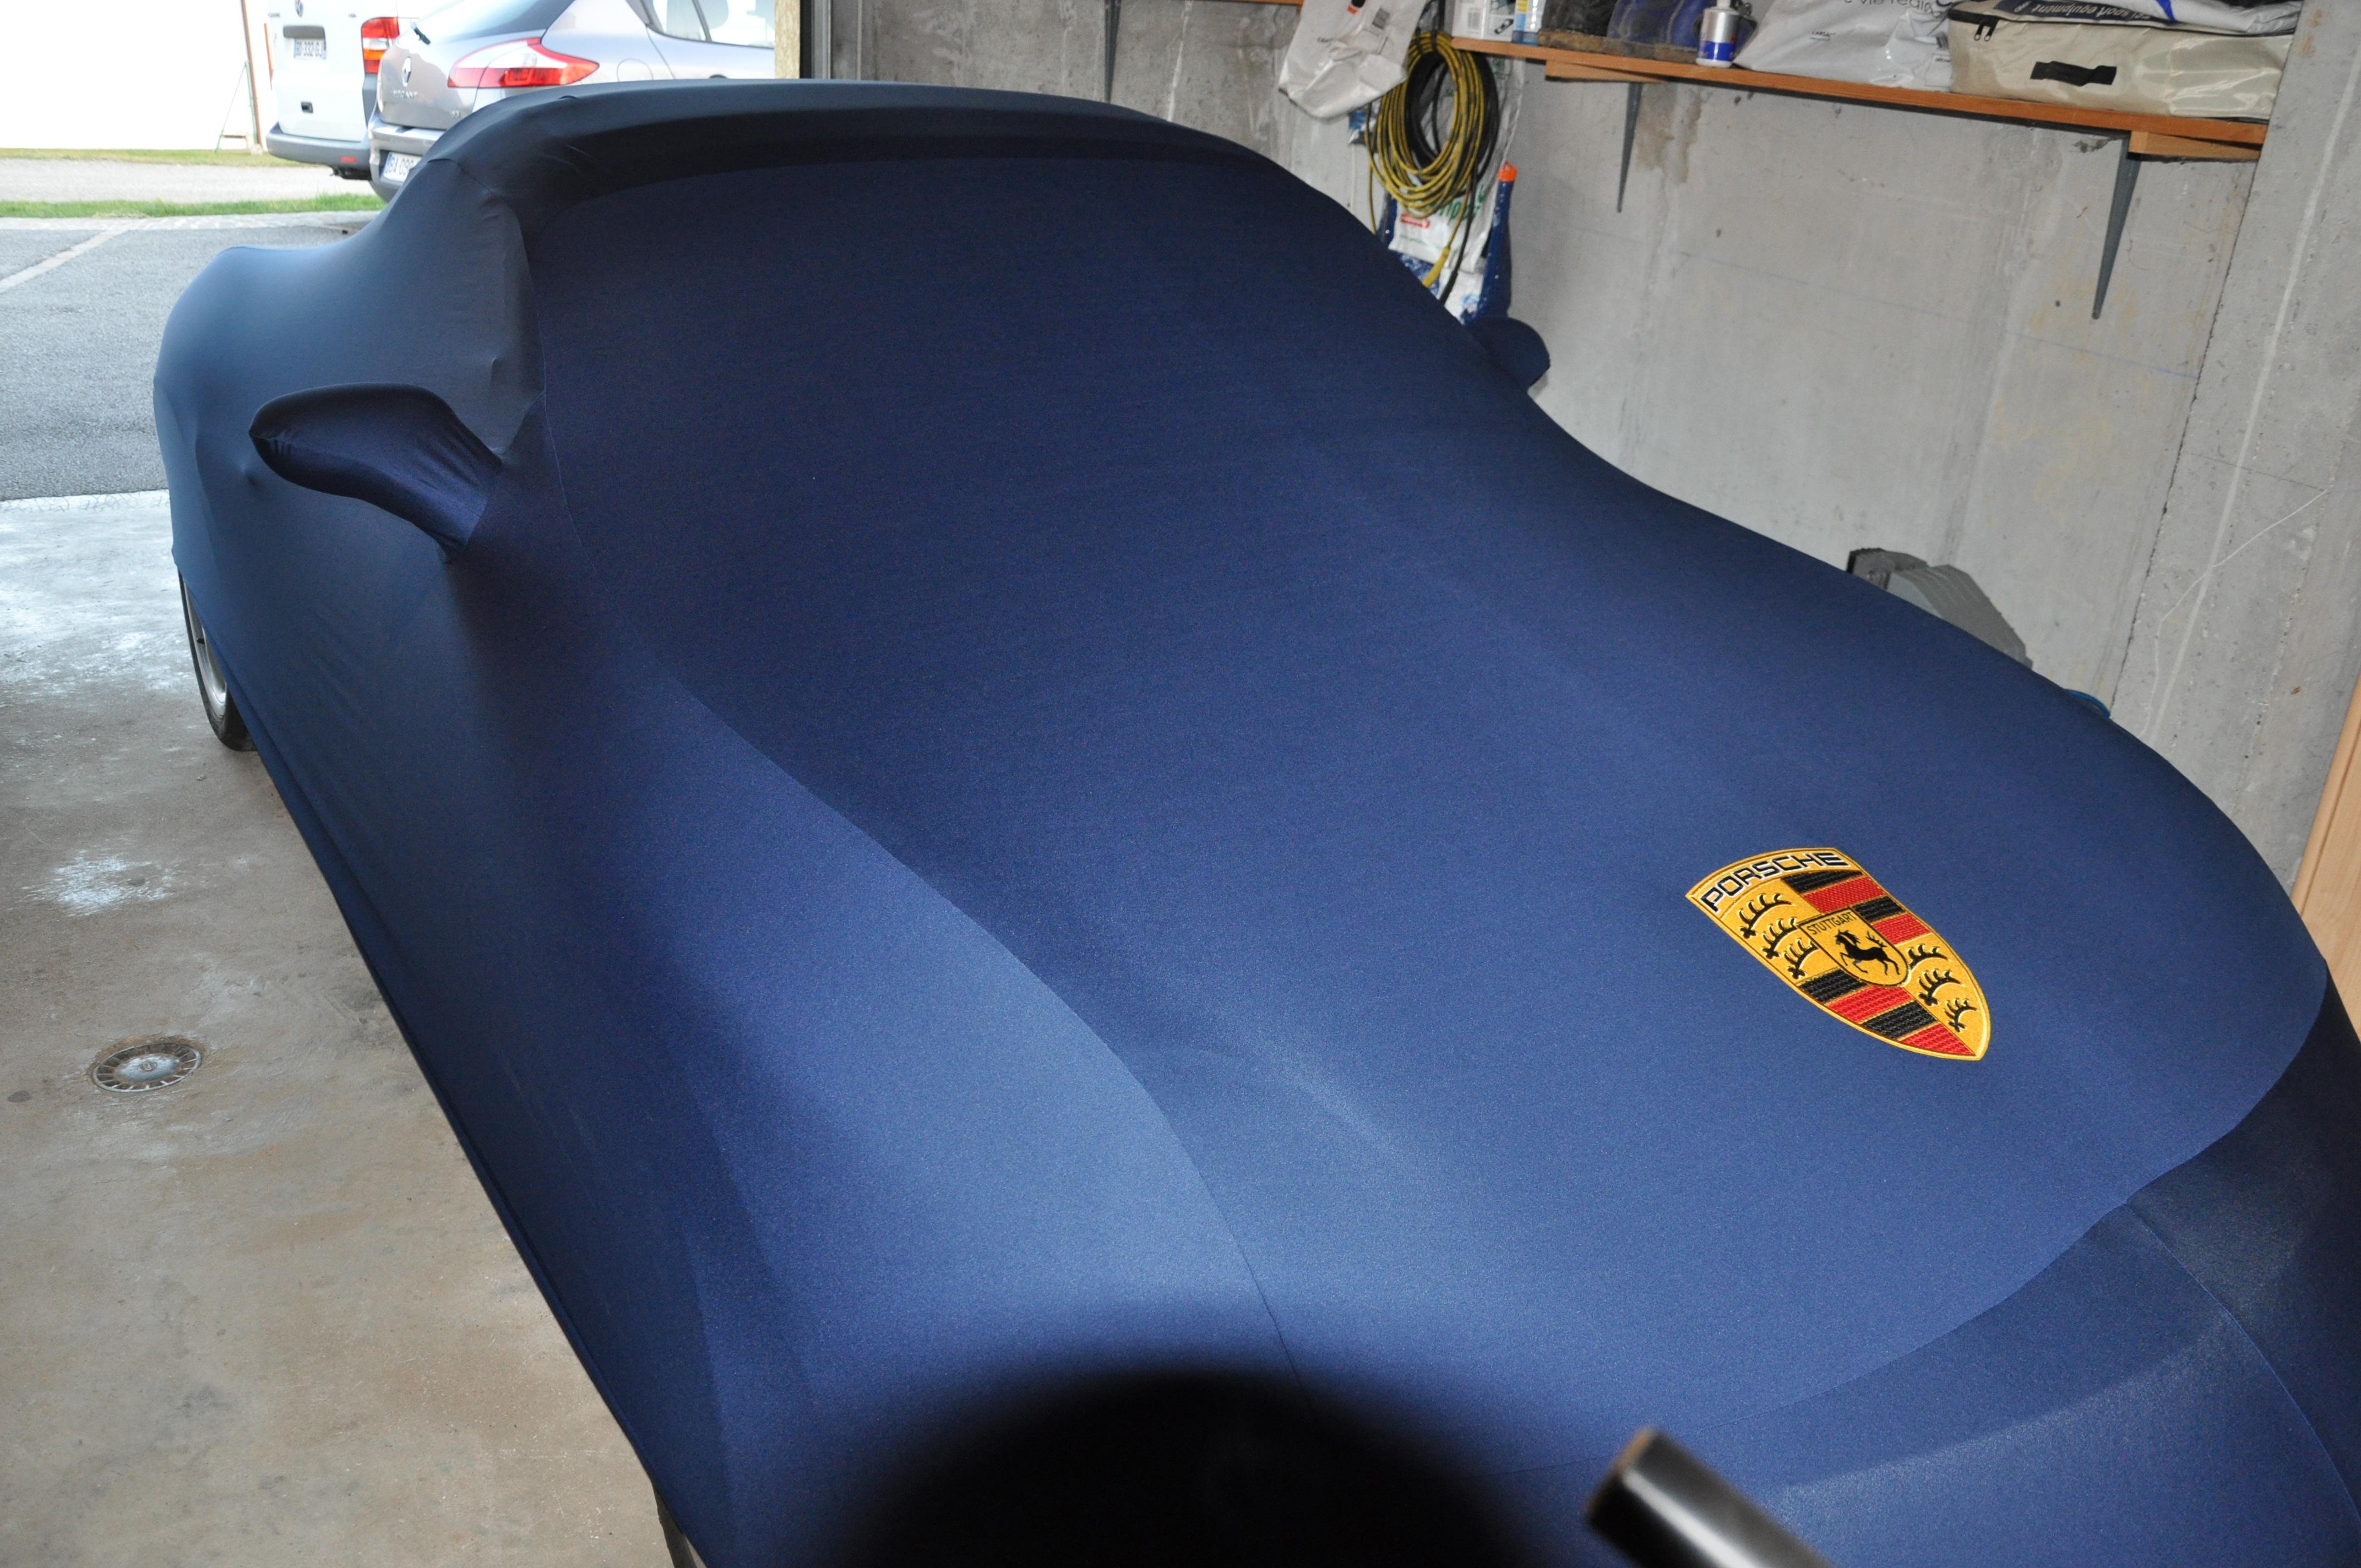 Housses dustcover accessoires boxster cayman 911 porsche for Housse porsche 997